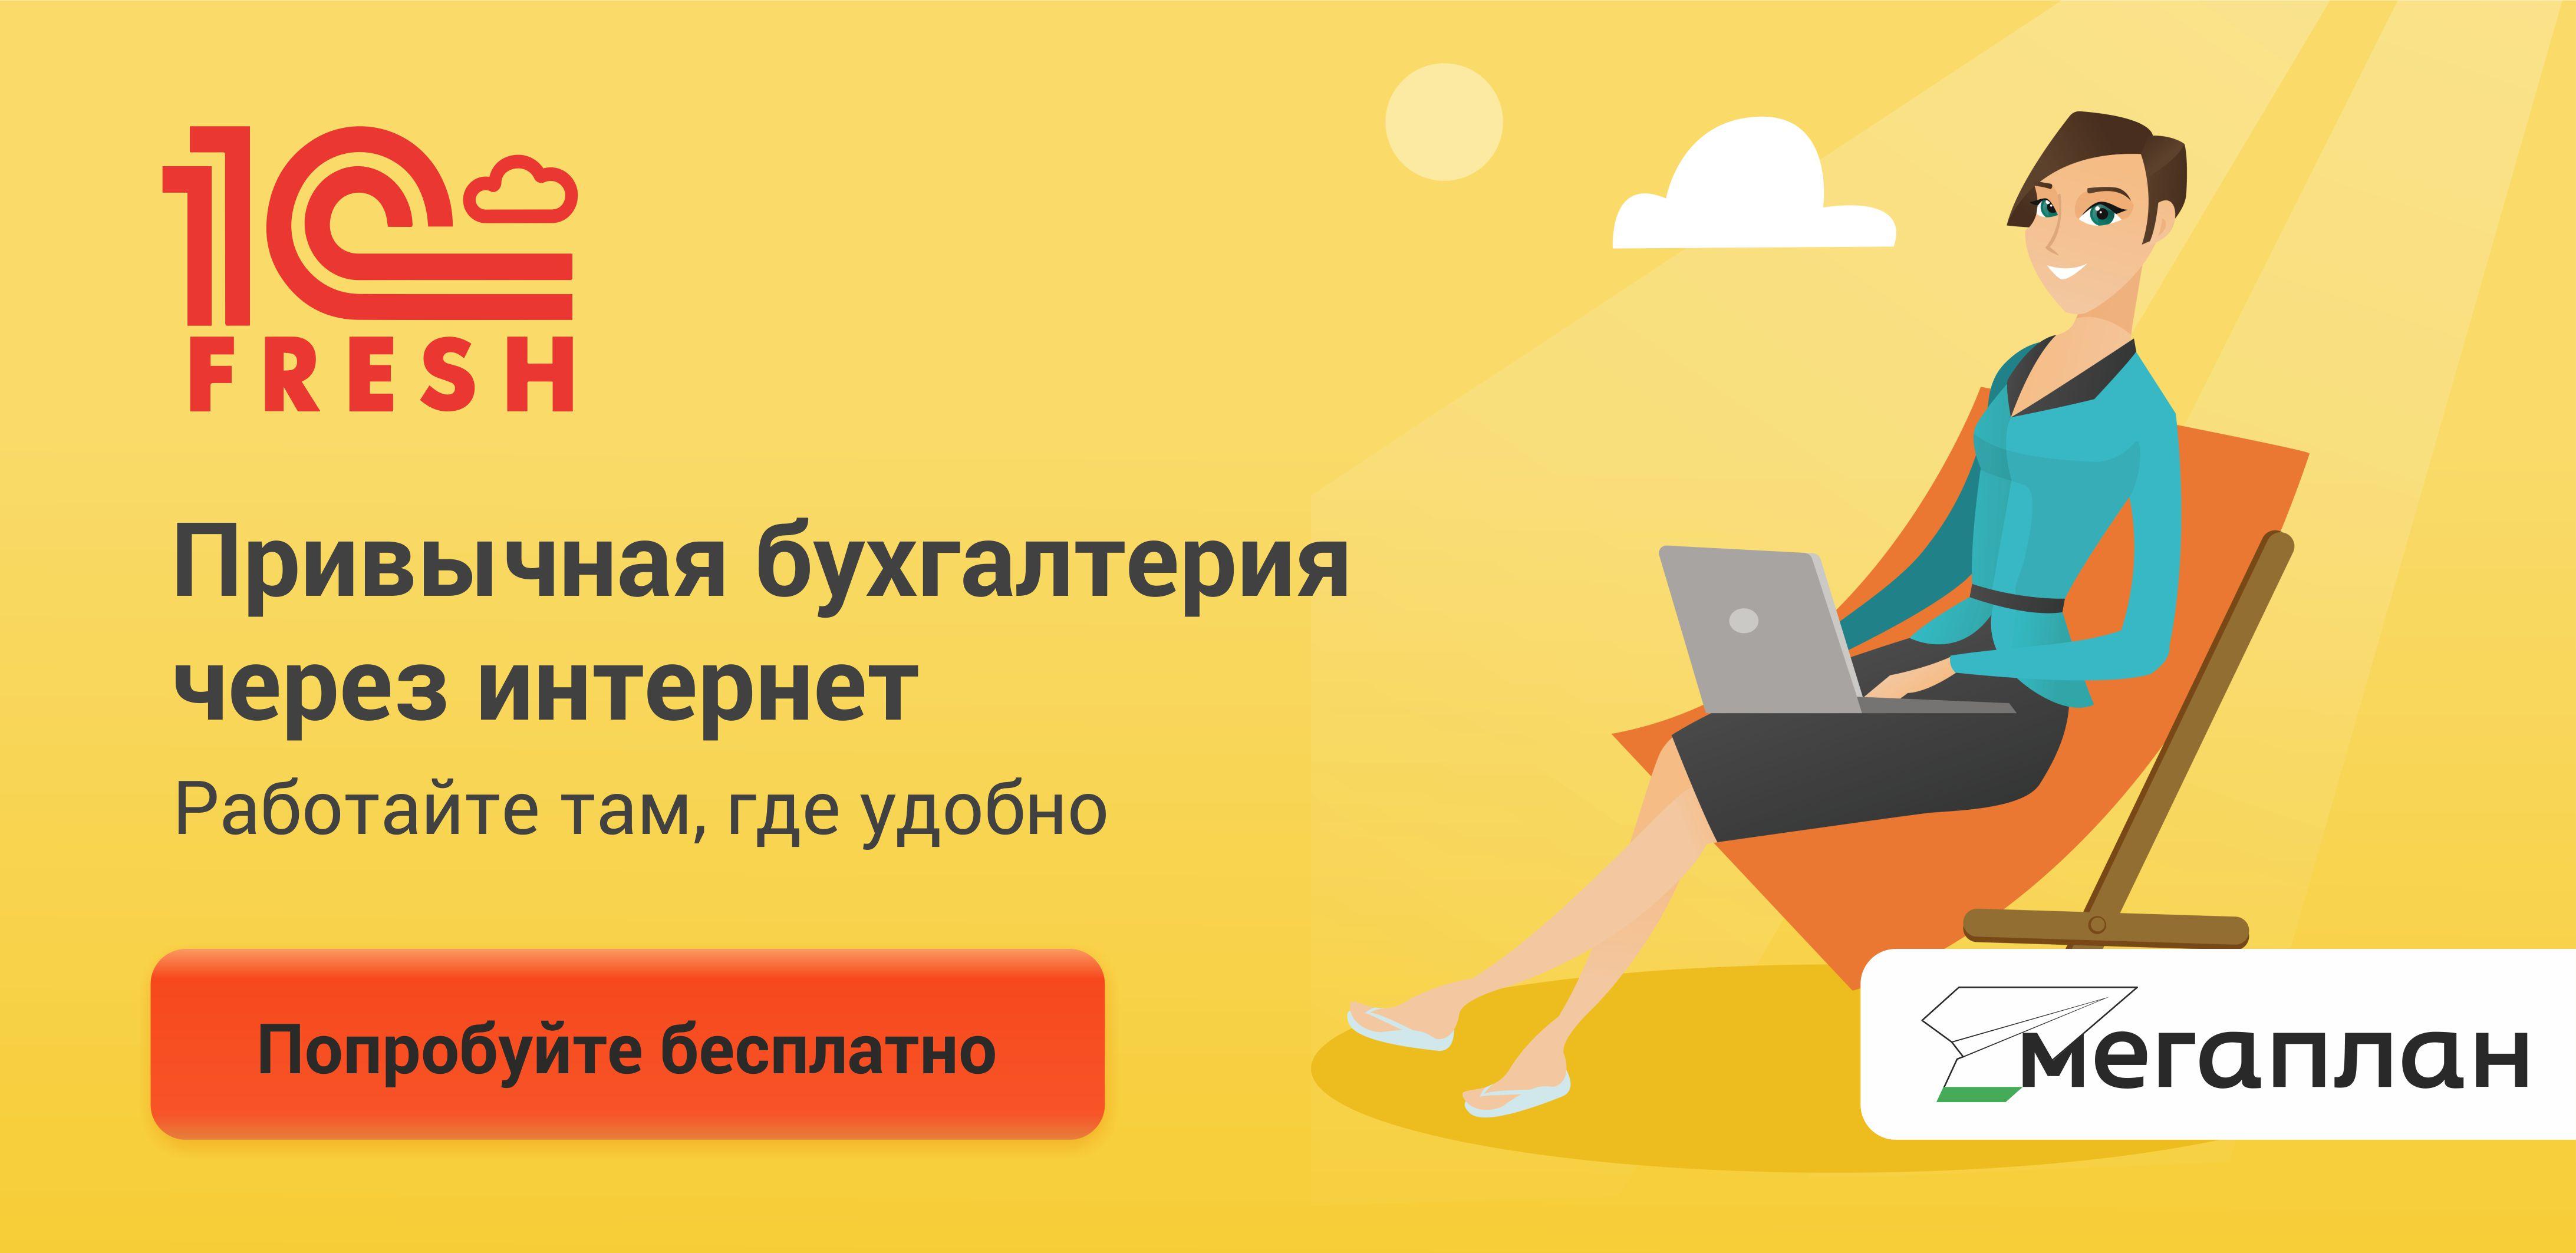 Онлайн порталы для бухгалтеров какие документы нужны для регистрации ип спб